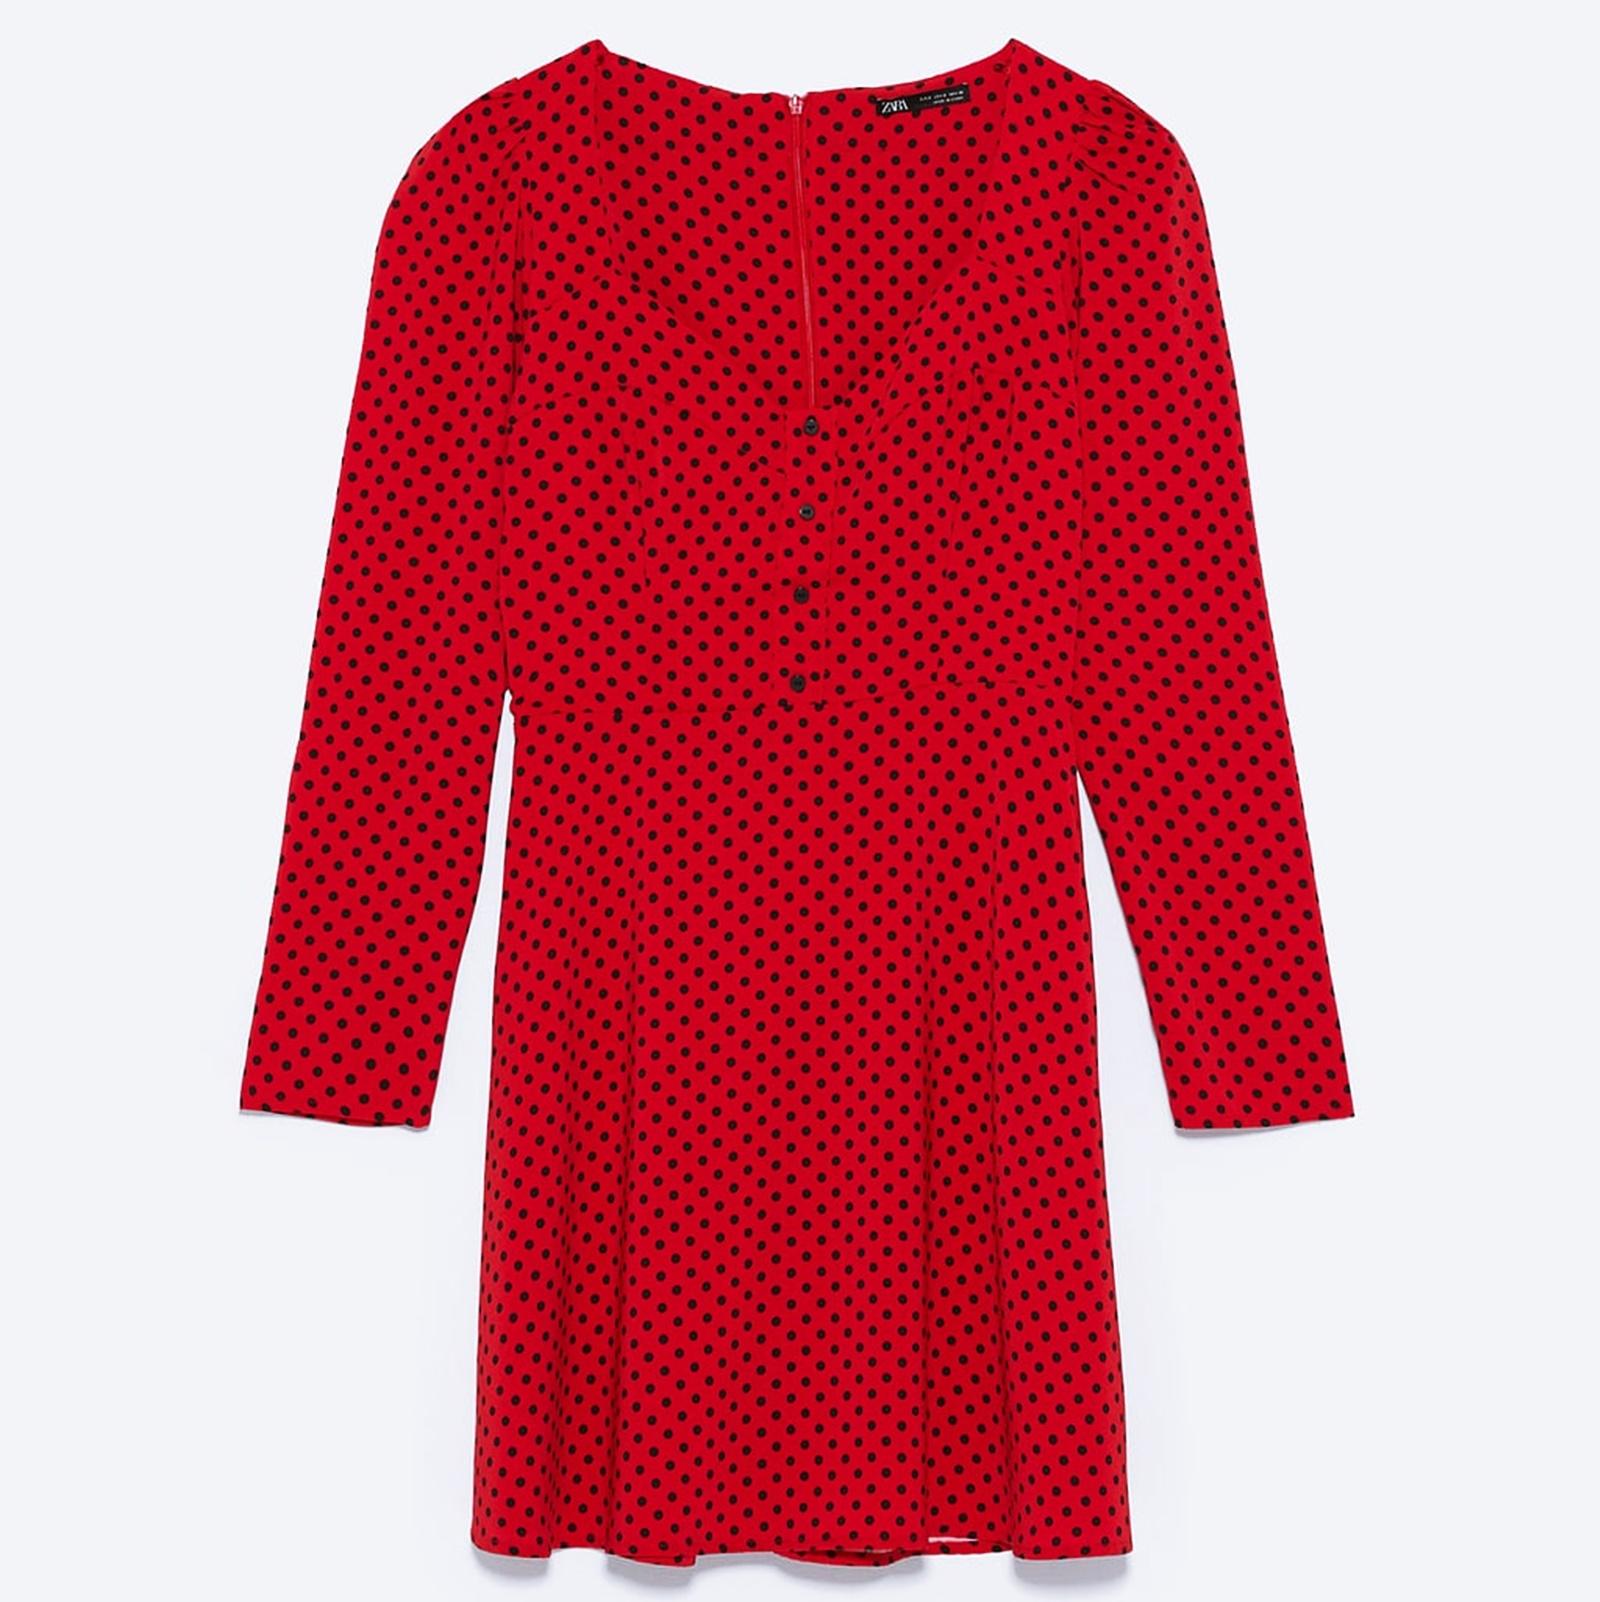 One polka dot dress, 4 ways